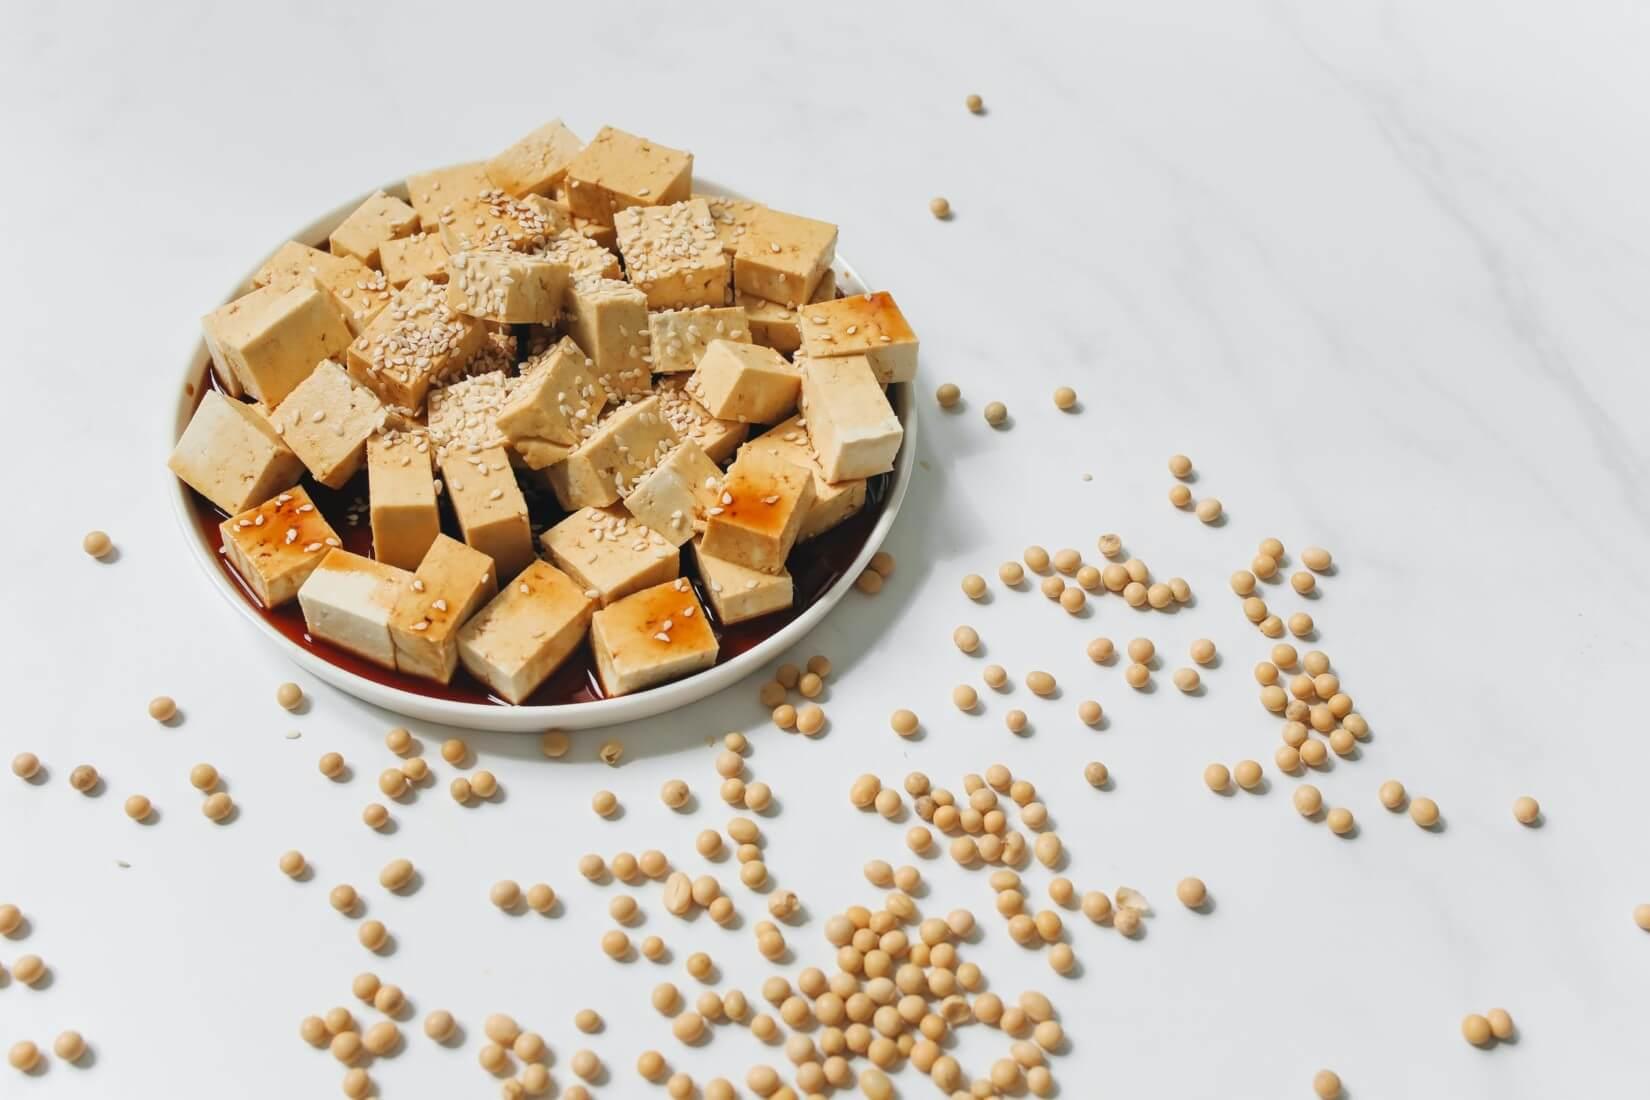 Schüssel mit Tofu und Sojabohnen daneben